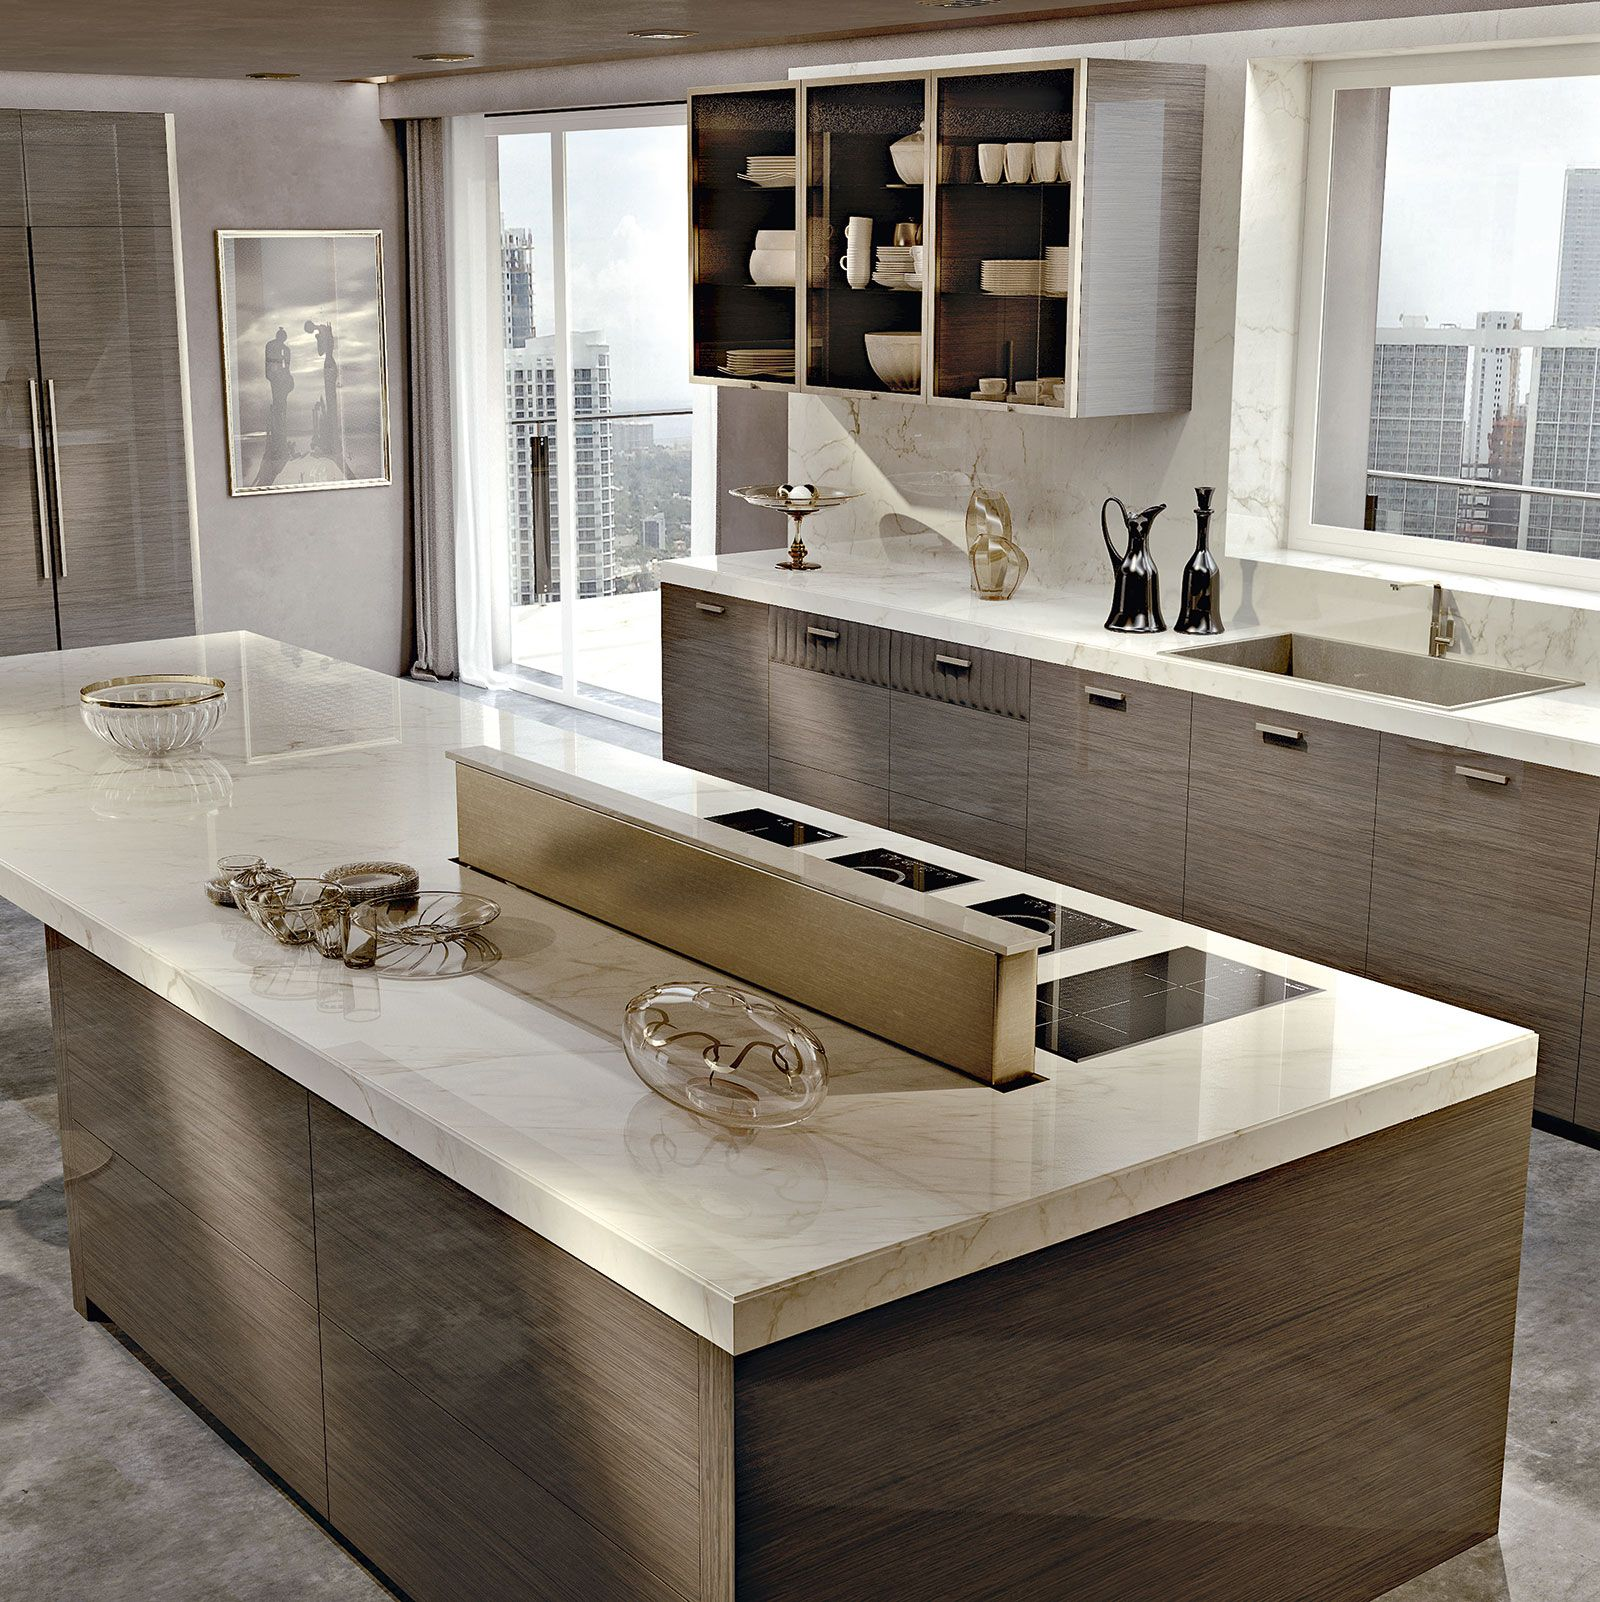 Daytona arredamento contemporaneo moderno di lusso e for Arredamento moderno casa